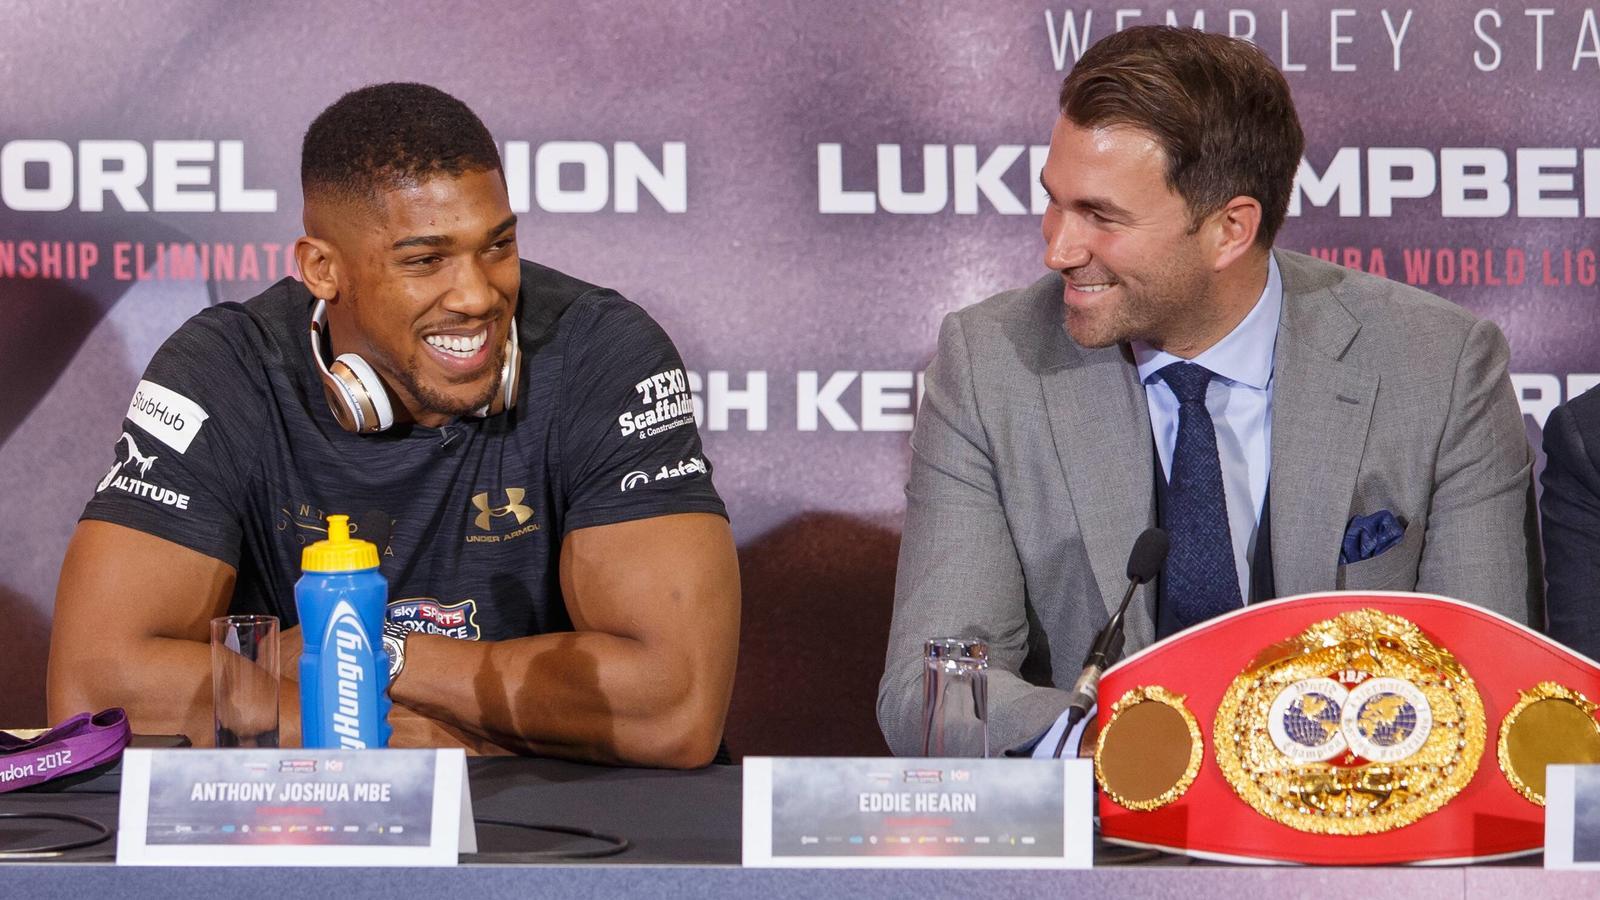 Eddie Hearn zieht für Box-Weltmeister Anthony Joshua die Fäden